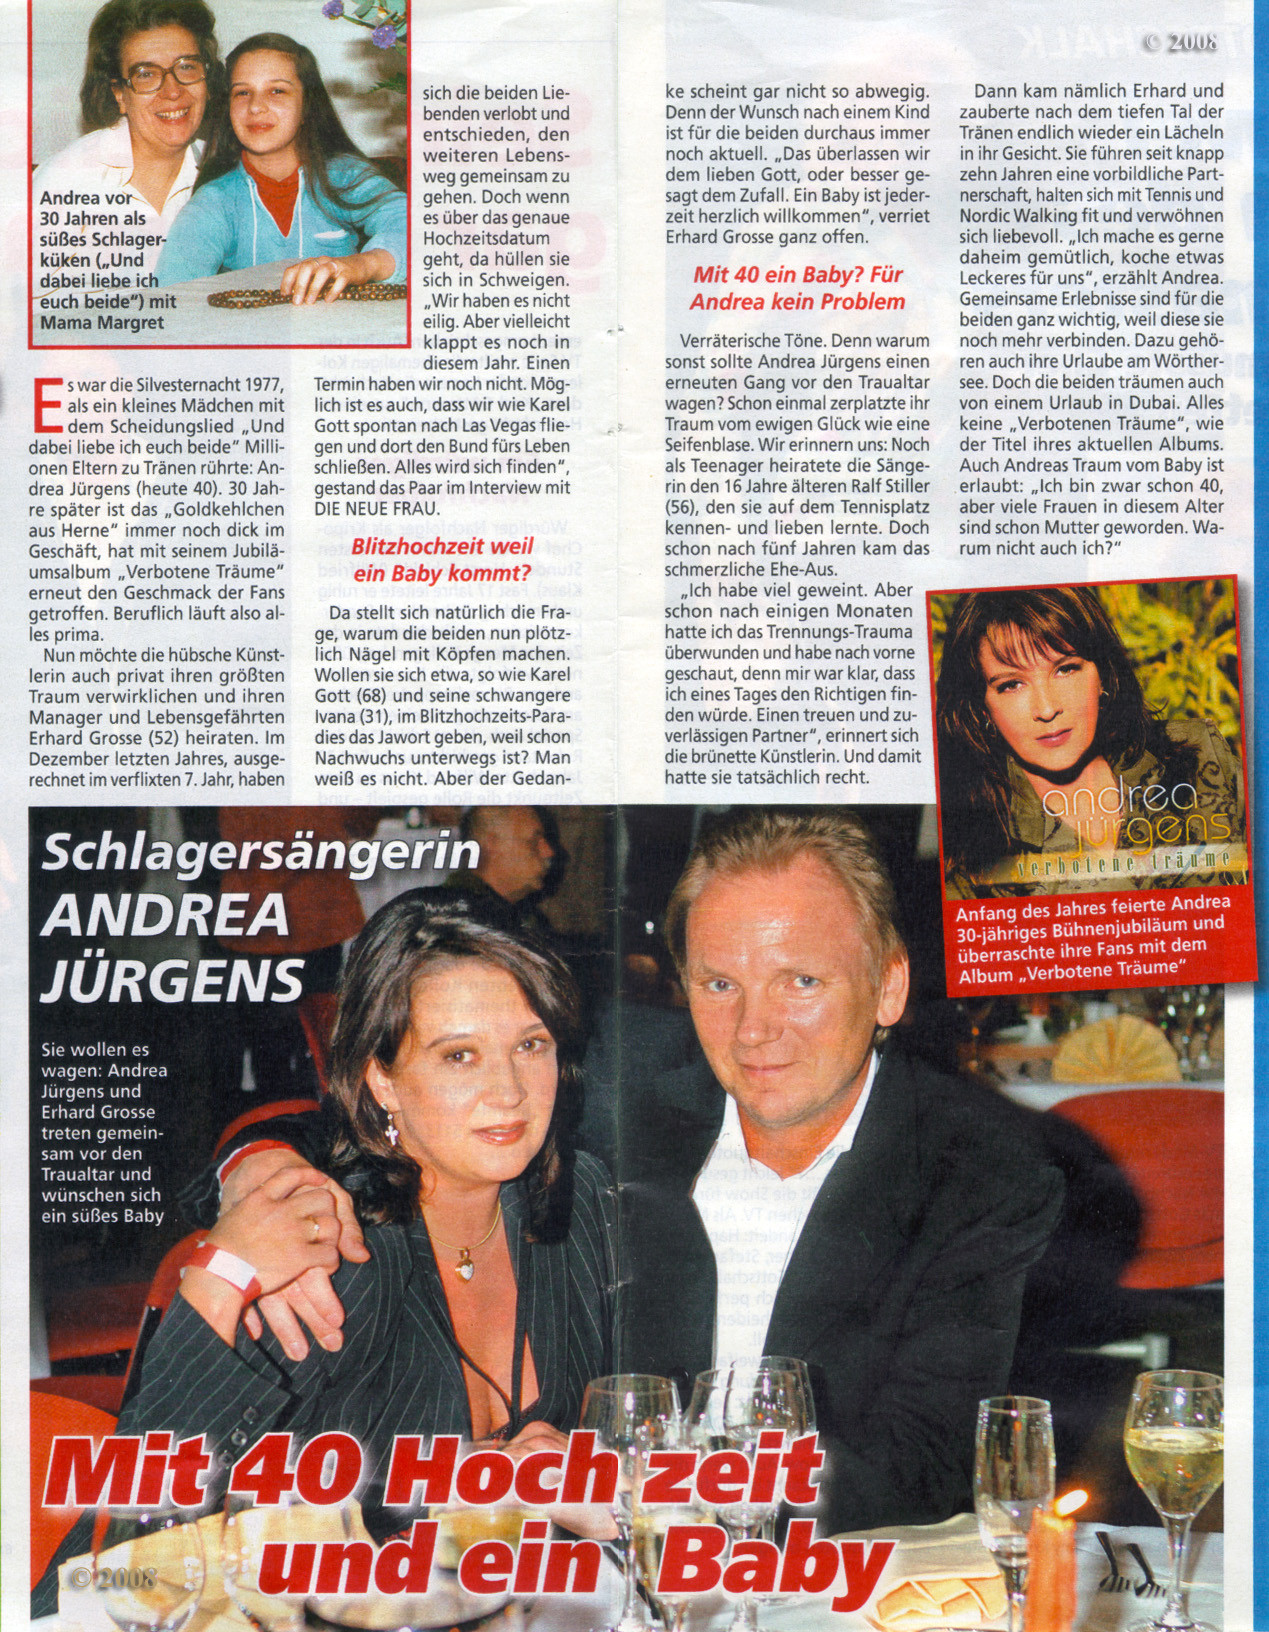 Andrea Jürgens Hochzeit Mit Ralf Stiller  Andrea Jürgens Fanseite · Bilder